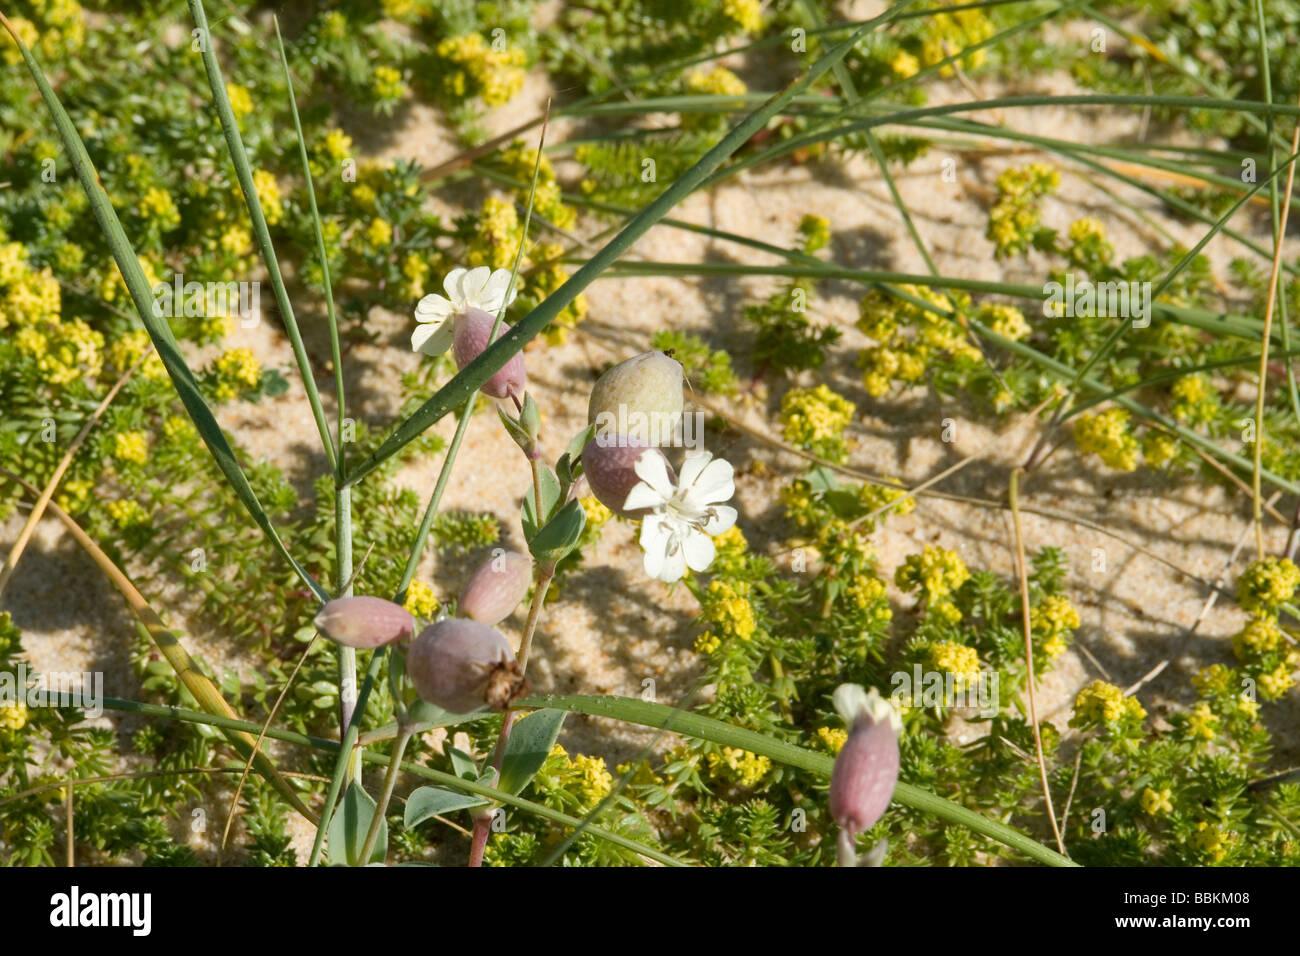 The Bladder Campion on a sand dune, at Hossegor (Landes - France).  Le Silène de Thore sur une dune semi-fixée, - Stock Image